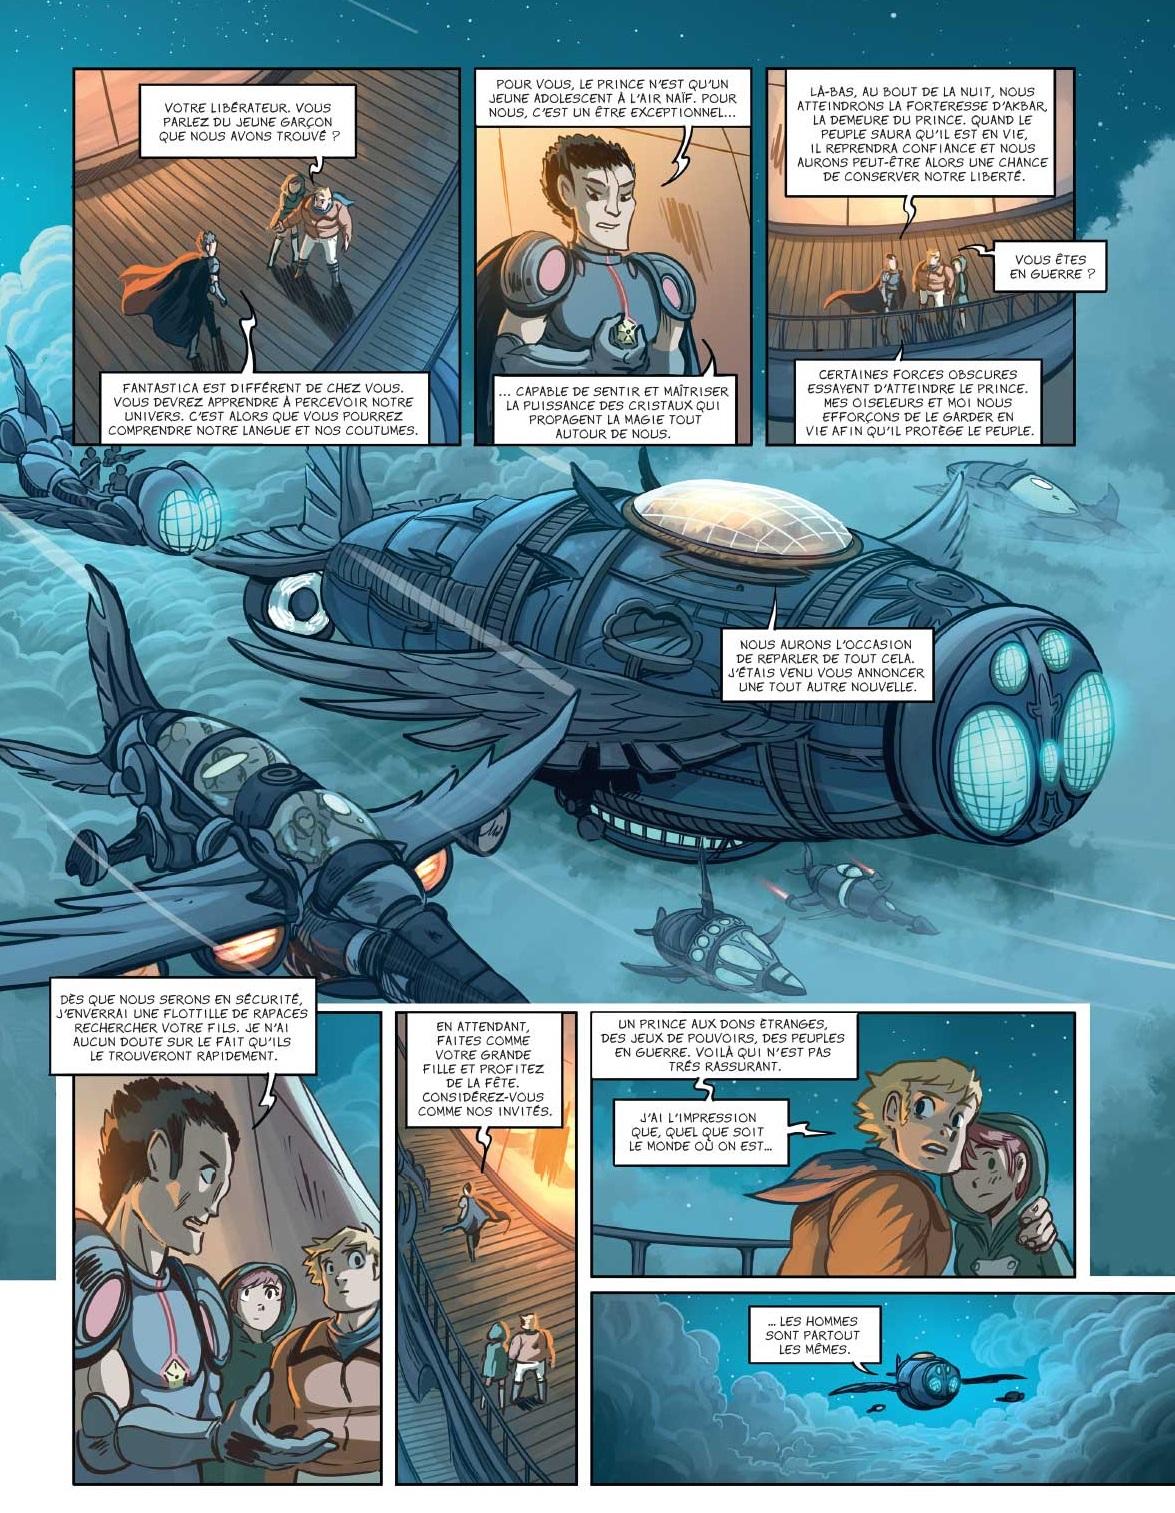 La Famille fantastique page 36